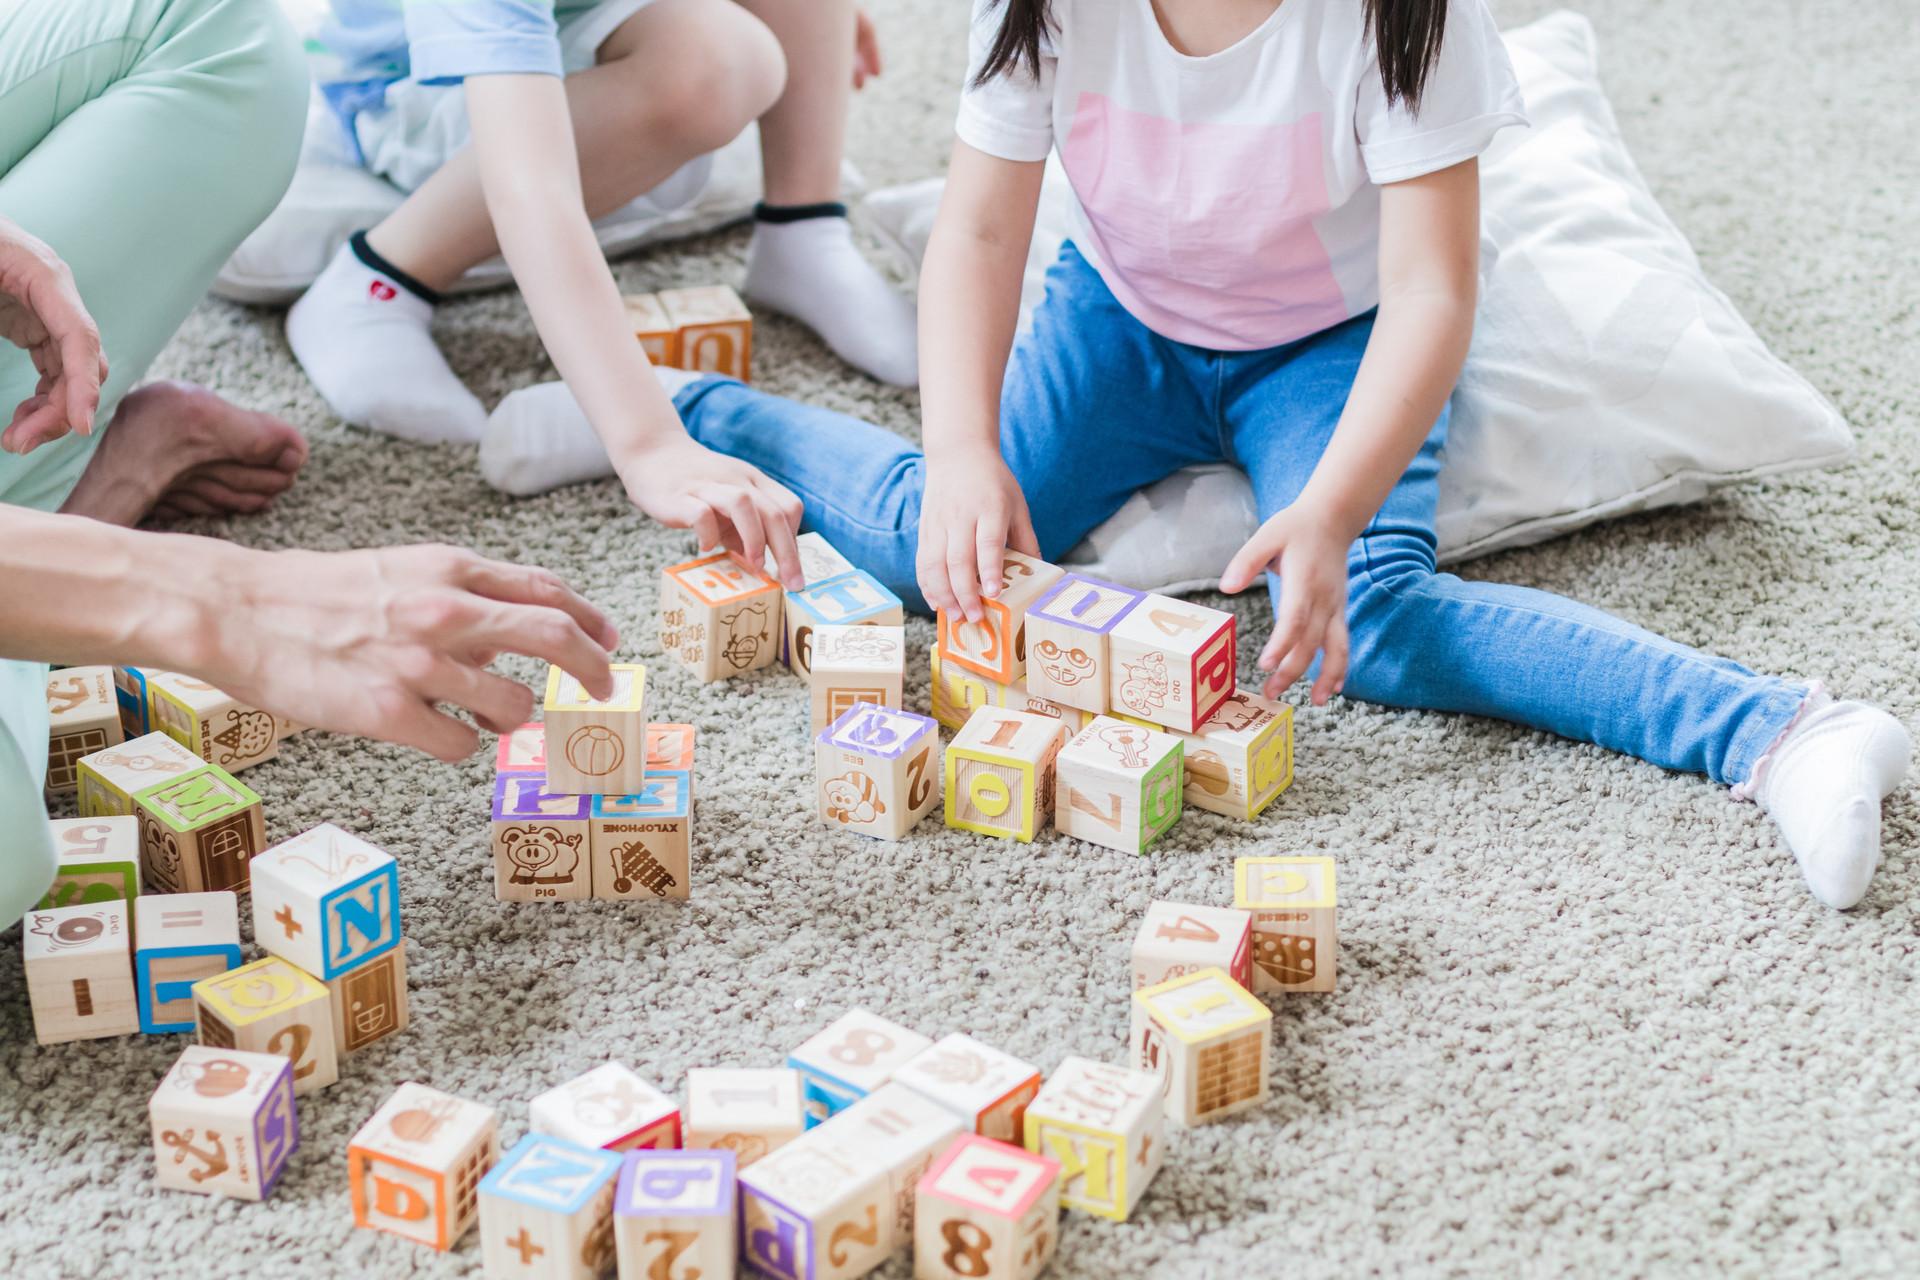 盛典嘉宾 | 中关村第一小学校长刘畅:怎样才能成就最好的家庭教育?